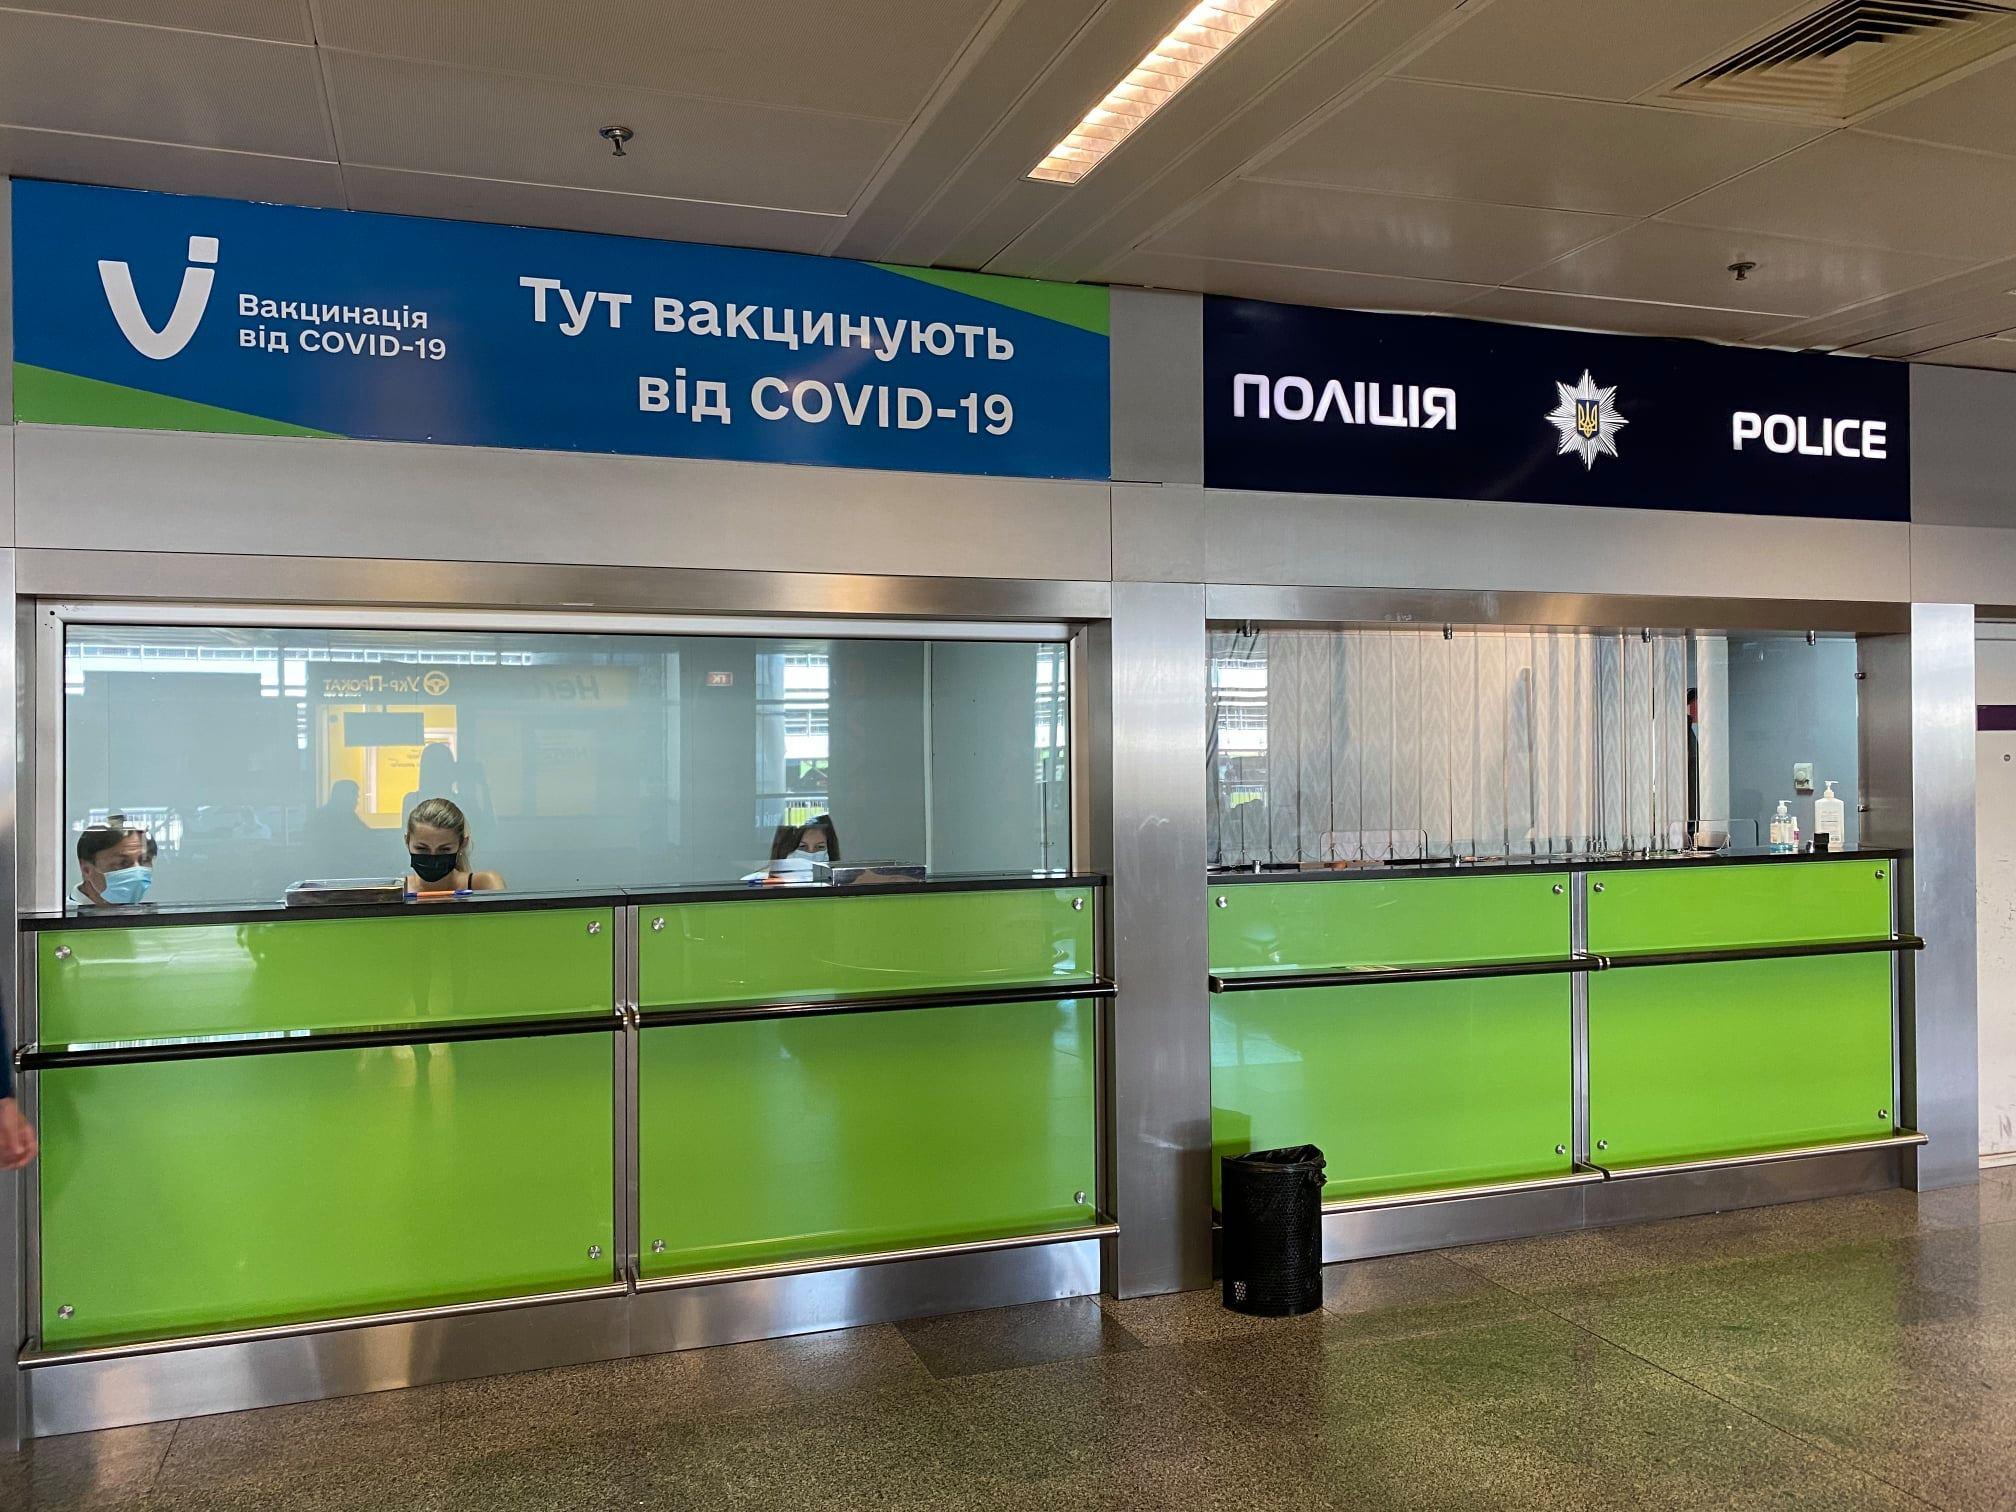 В аэропорту «Борисполь» теперь можно вакцинироваться от COVID-19.Вокруг Света. Украина